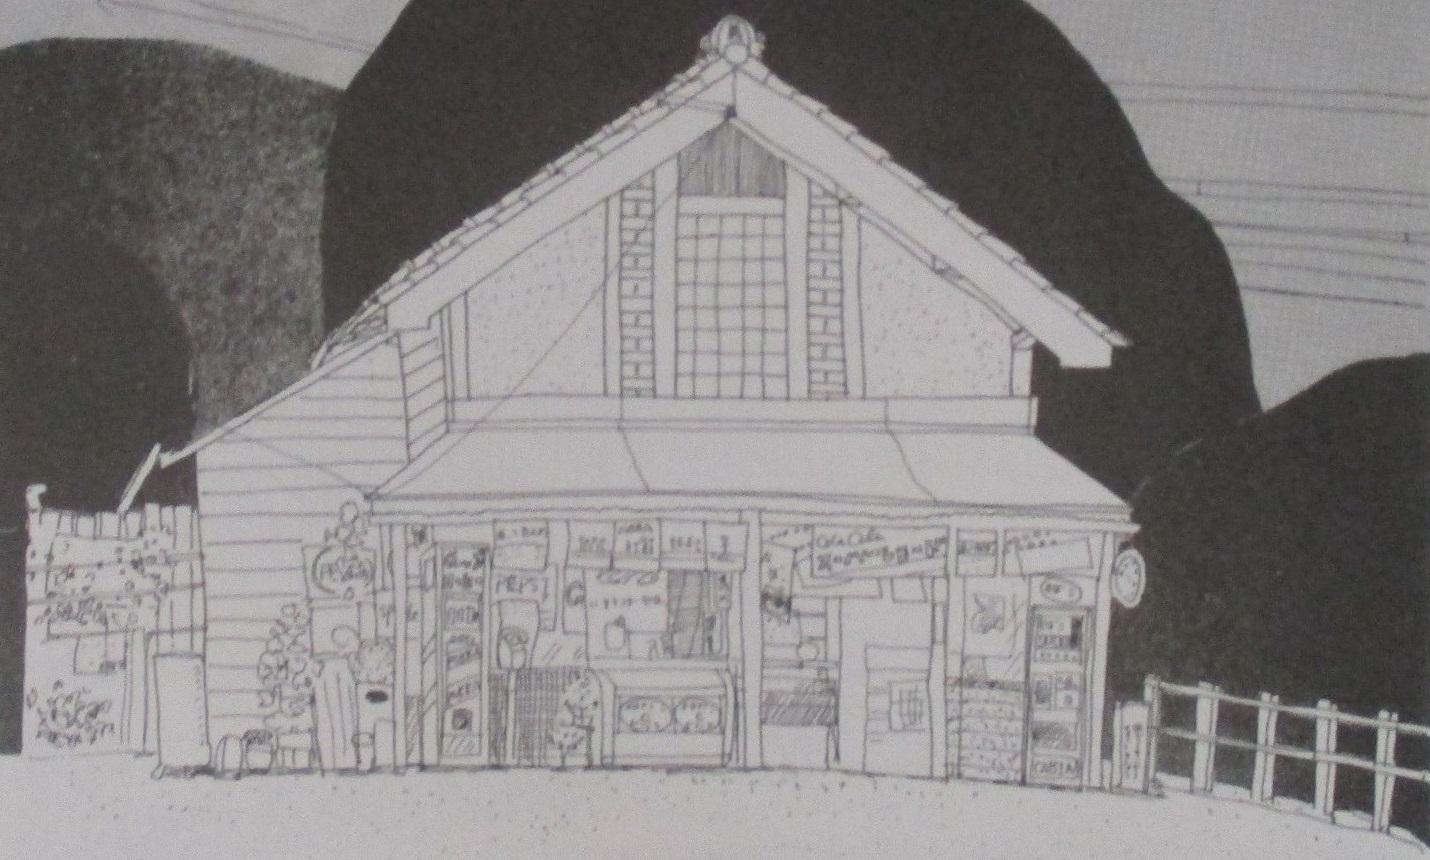 2020.3.17 (23-1) 旧岡崎公園前駅の売店(和田たばこ店) 1610-1120